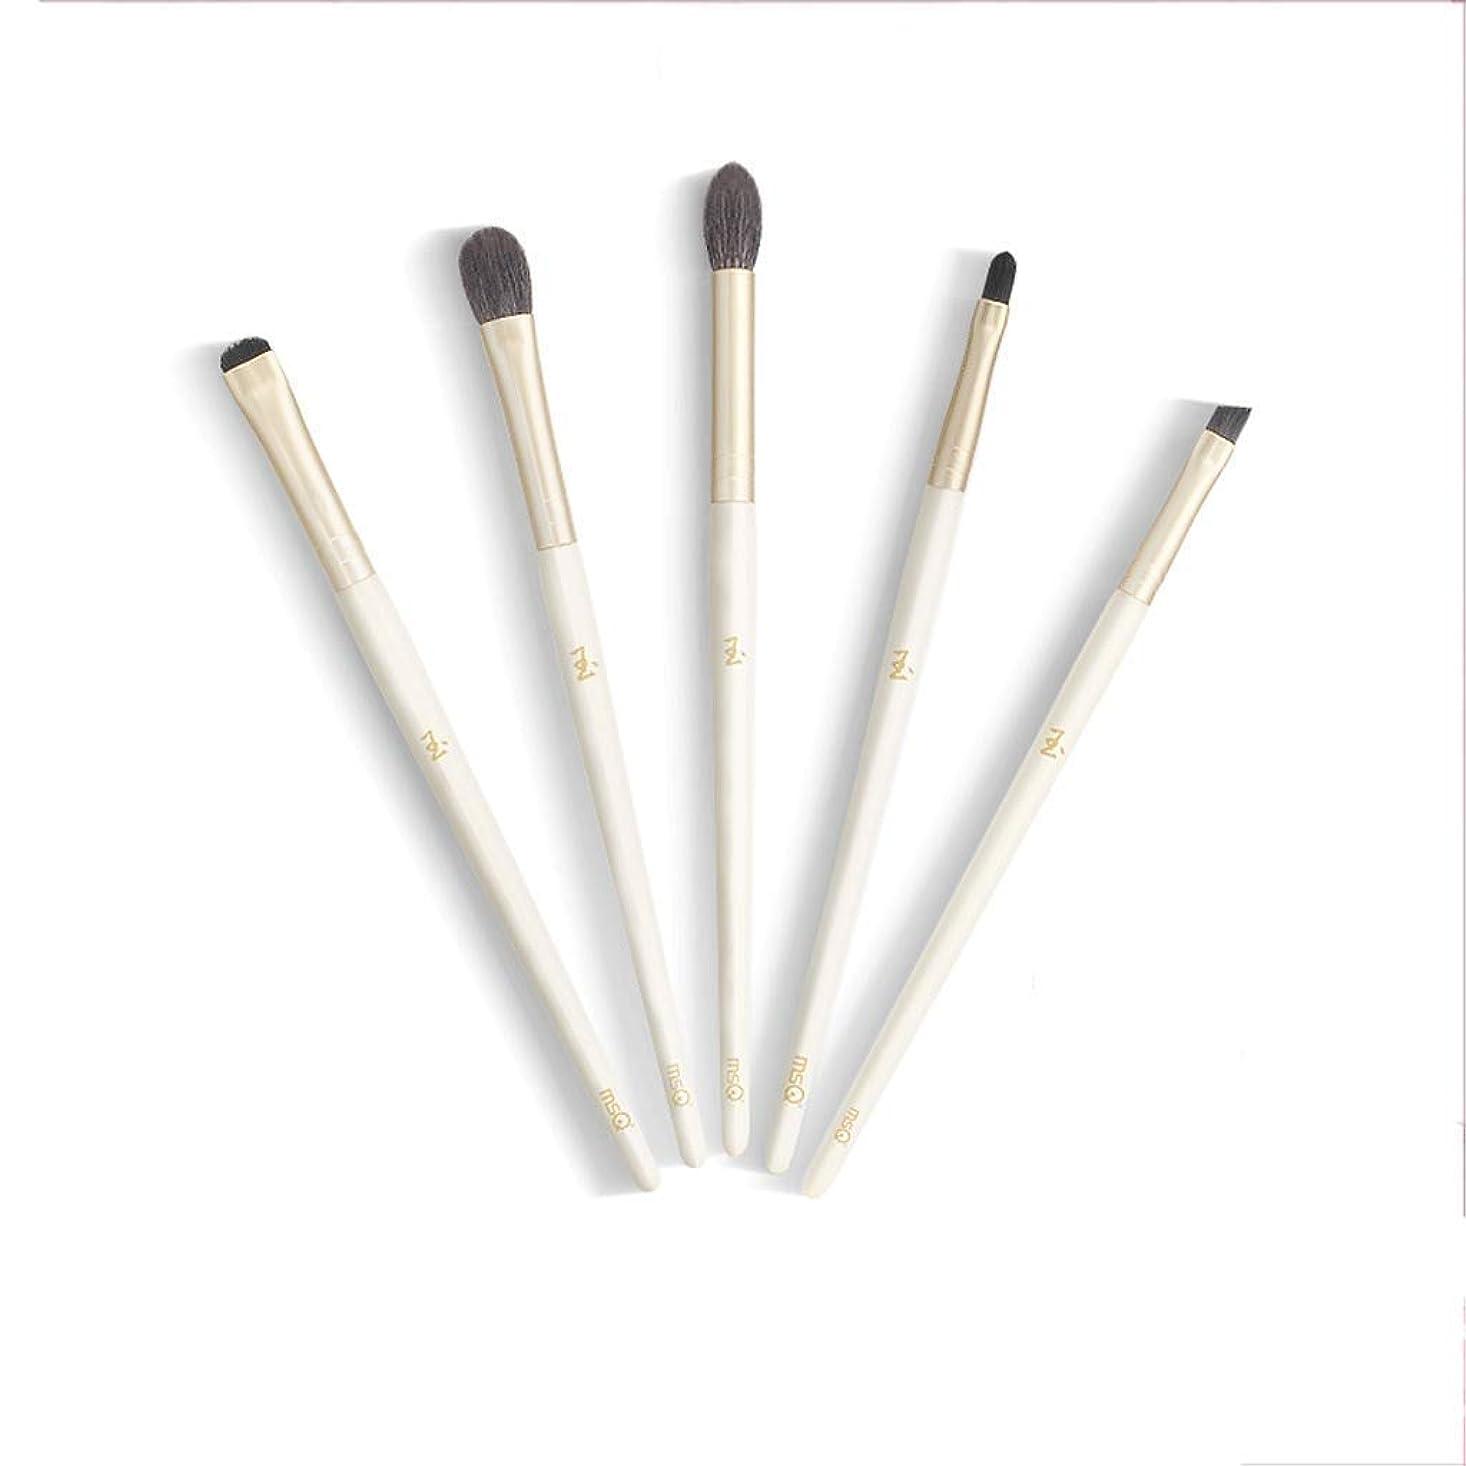 寸前コンプリートメルボルンMAKE-UP BRUSHES HOME 化粧筆5個入り天然木の取っ手(粉、クリーム、液体)